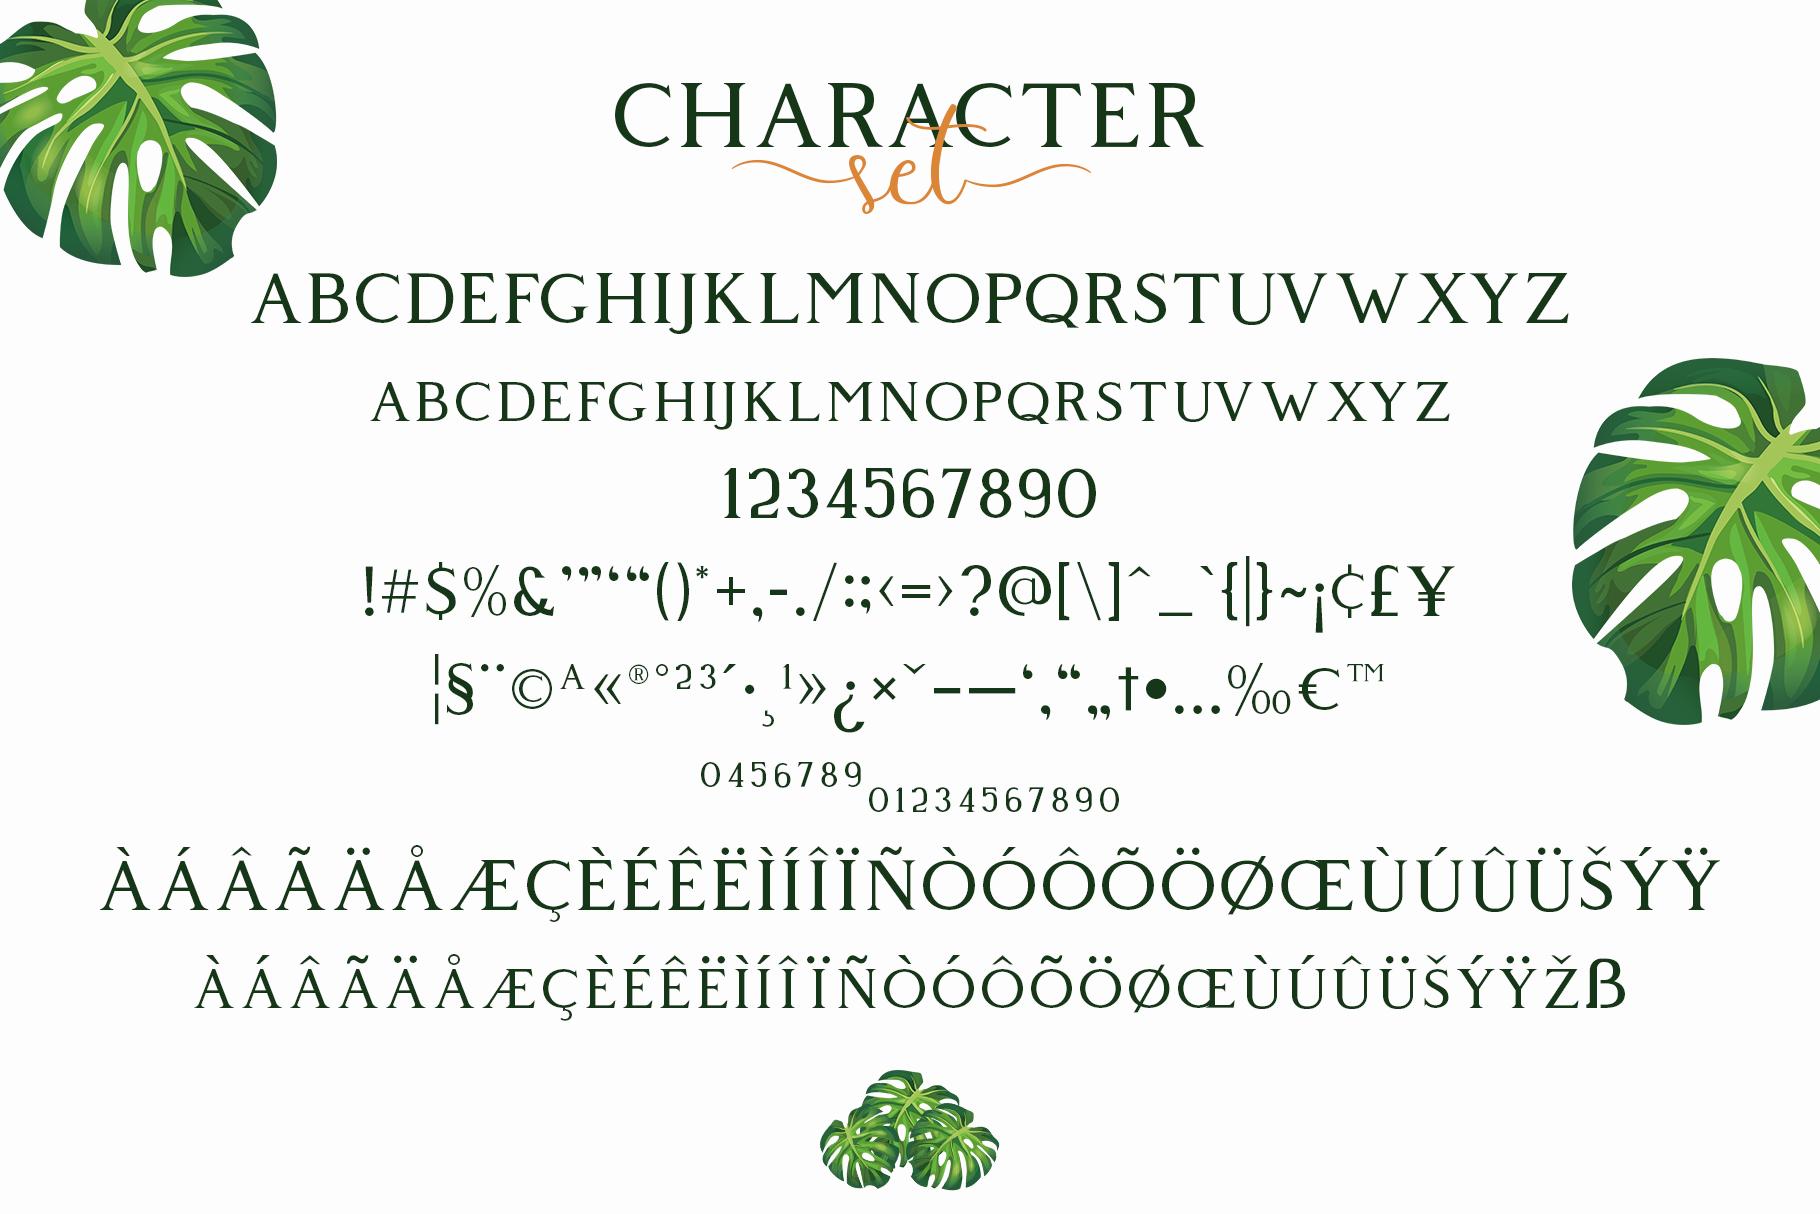 Giveny - Classy Serif Font example image 5